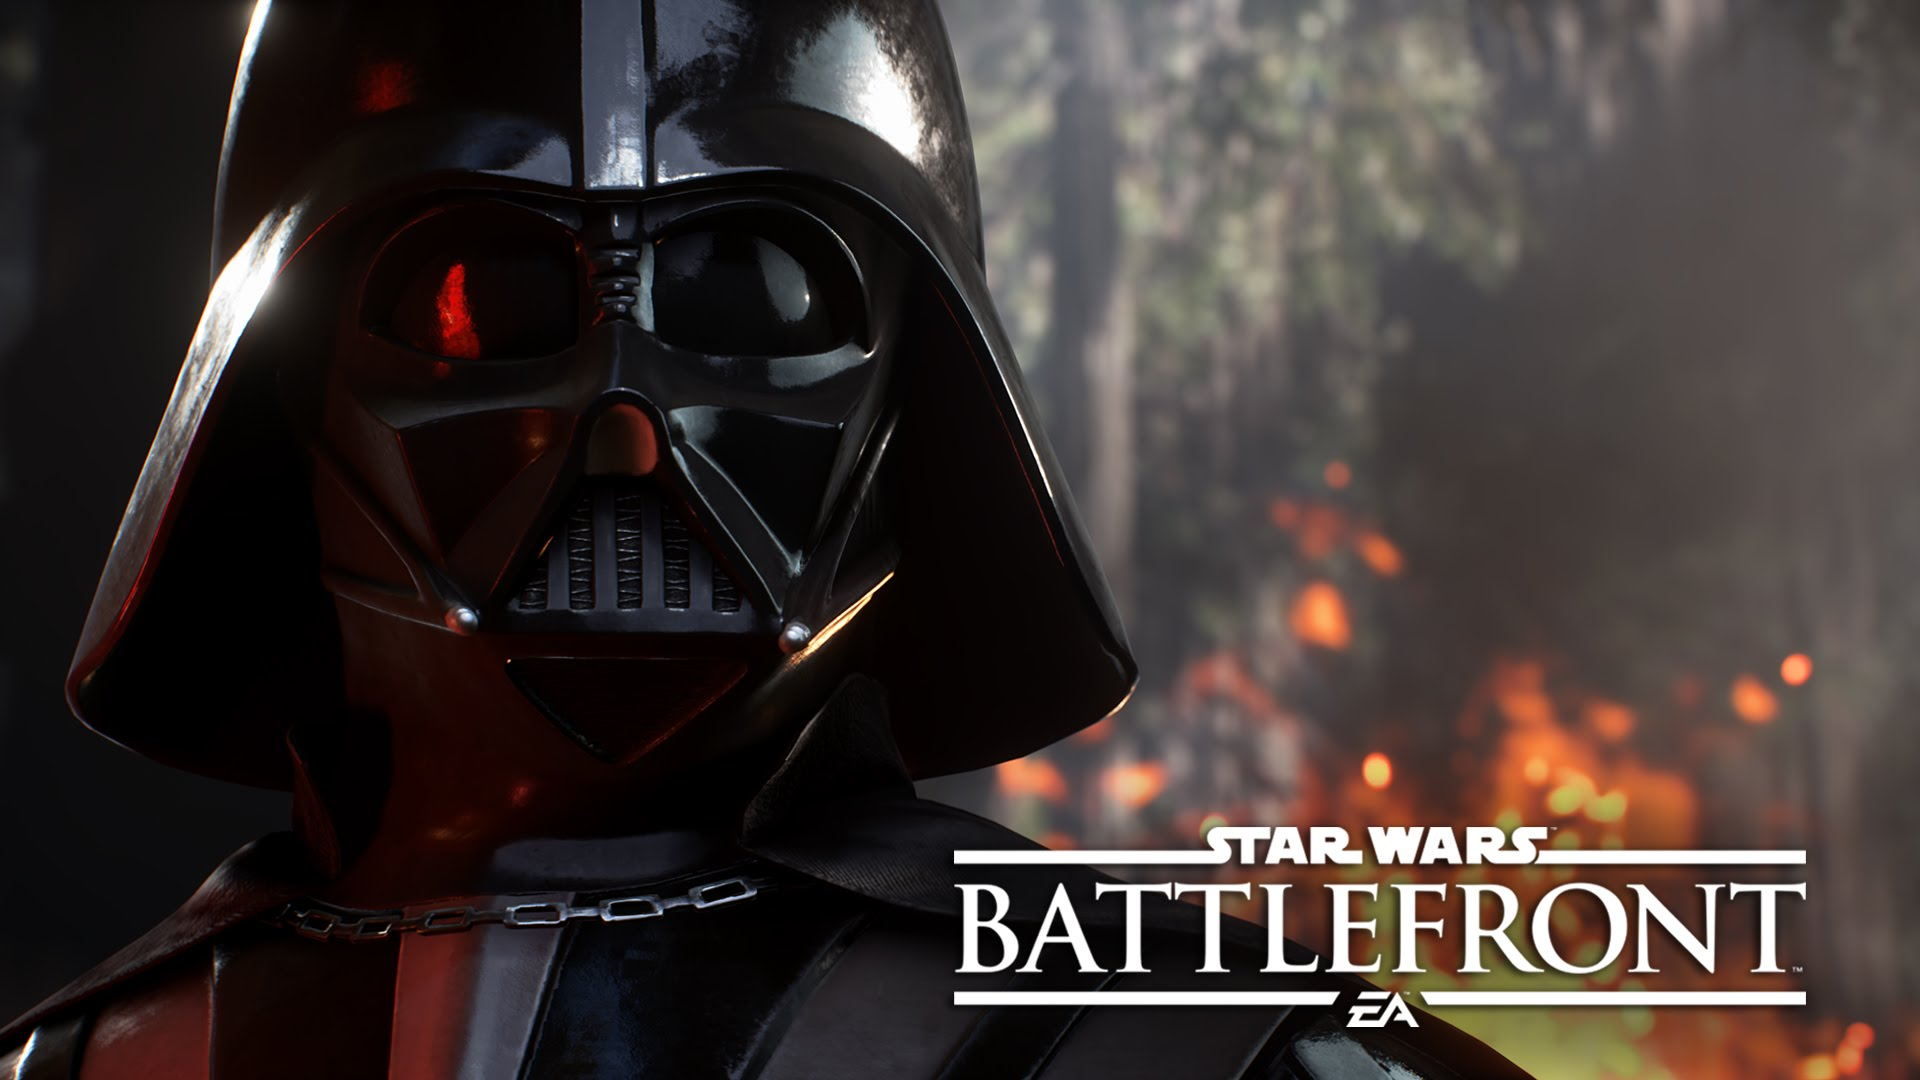 Star Wars Battlefront Trailer, keine Kampagne und ein Erscheinungstermin